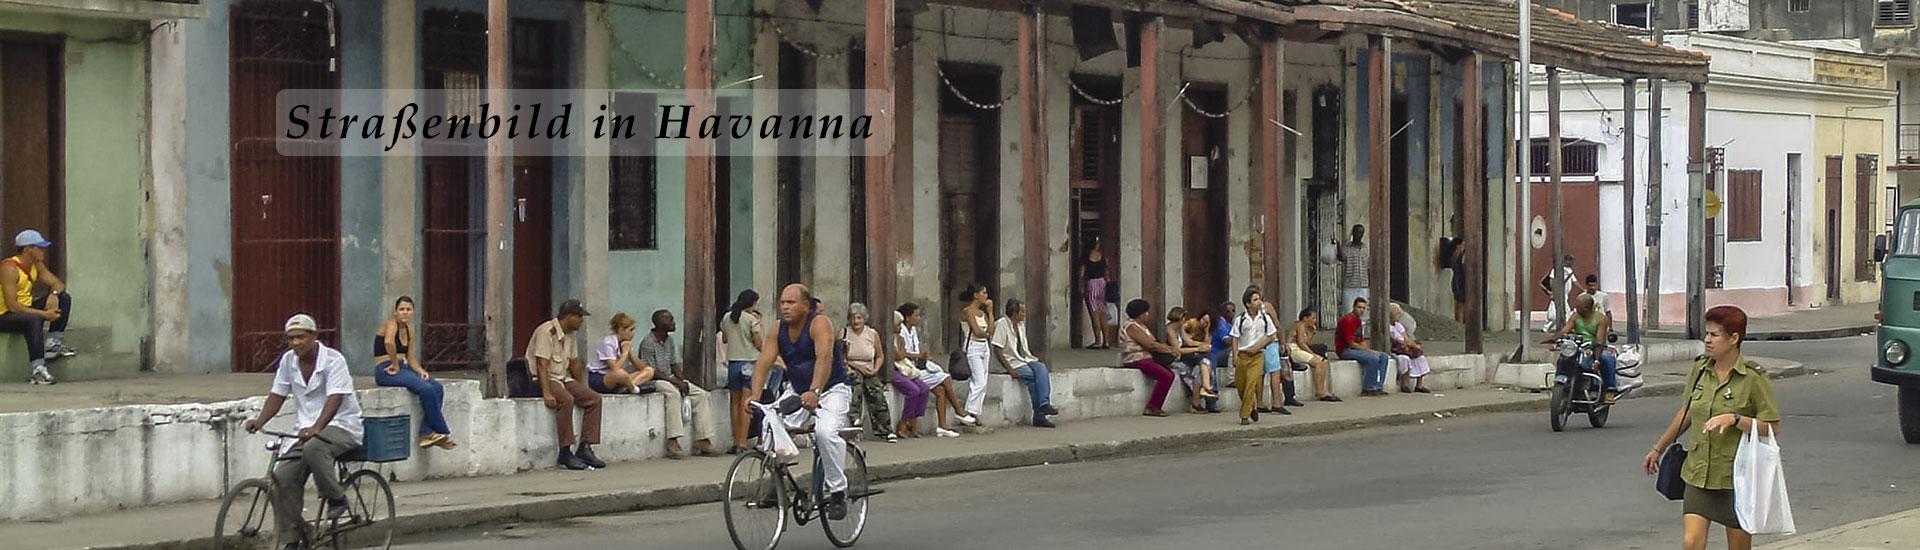 Havanna Kuba Strassenbild